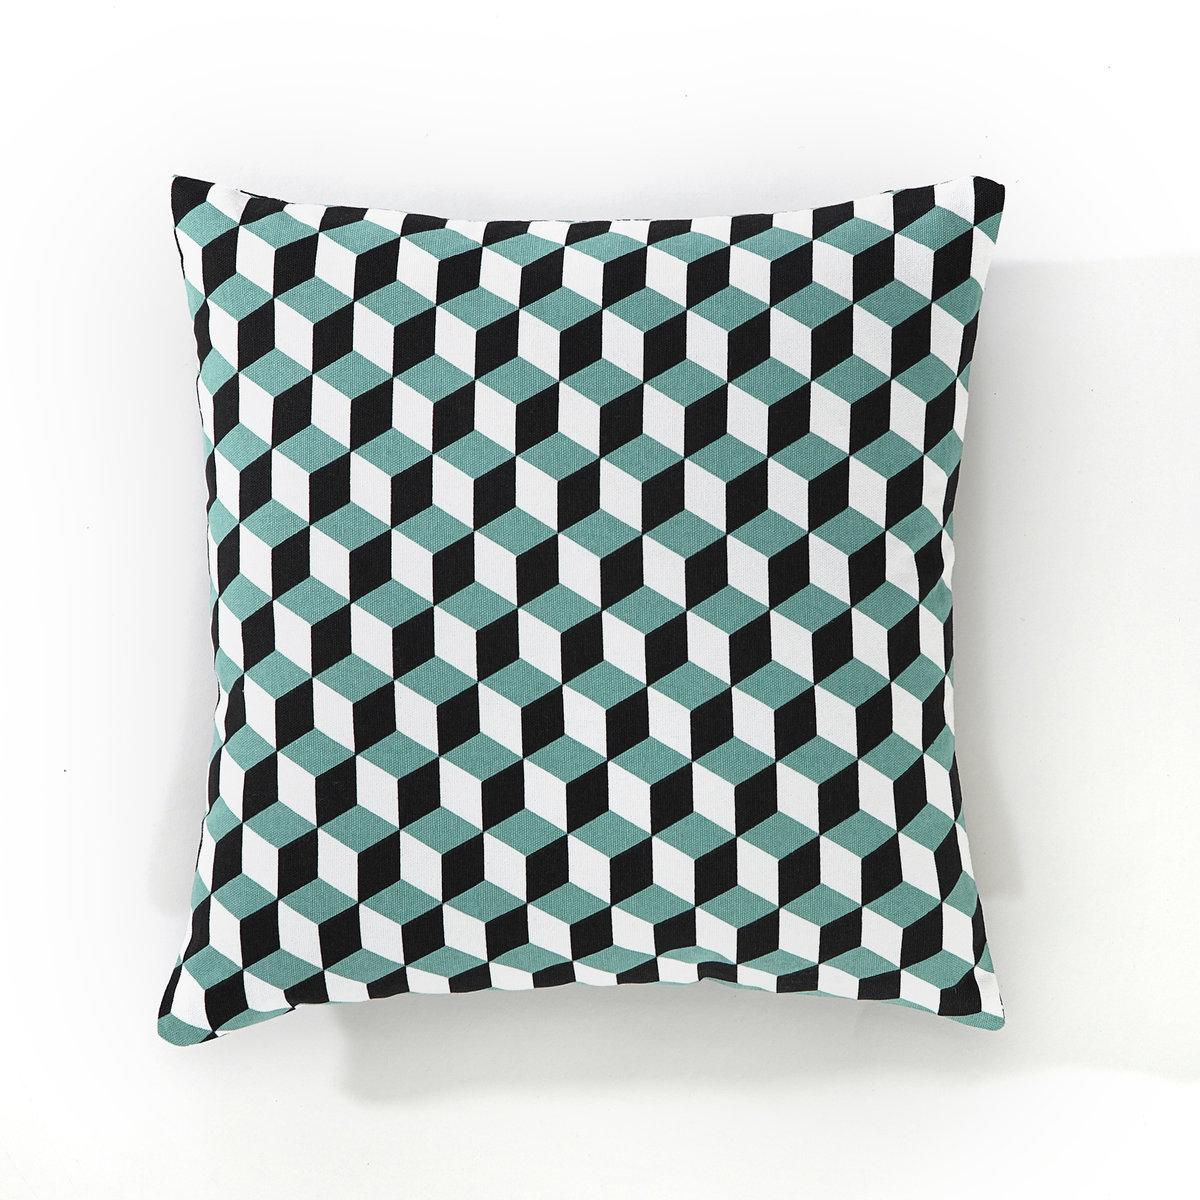 Чехол для подушкиЧехол для подушки Decio. Красивый геометрический рисунок с одной стороны, однотонный белый цвет с другой стороны. Застежка на скрытую молнию в тон. Стирка при 30°. 100% хлопка. Размер: 40 х 40 см.<br><br>Цвет: бледно-зеленый/латунь,зеленый/черный/белый,красный/ синий,медный/светло-серый,Медовый/черный,сине-зеленый/розовая пудра<br>Размер: 40 x 40  см.40 x 40  см